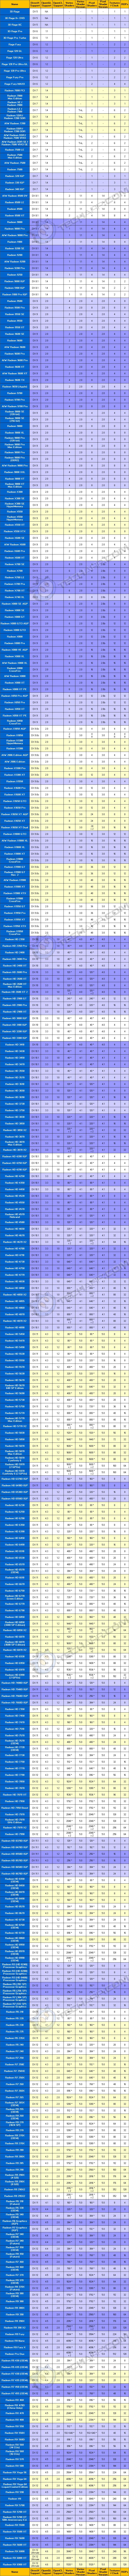 Desktop Graphics Card Comparison Guide - AMD / ATI